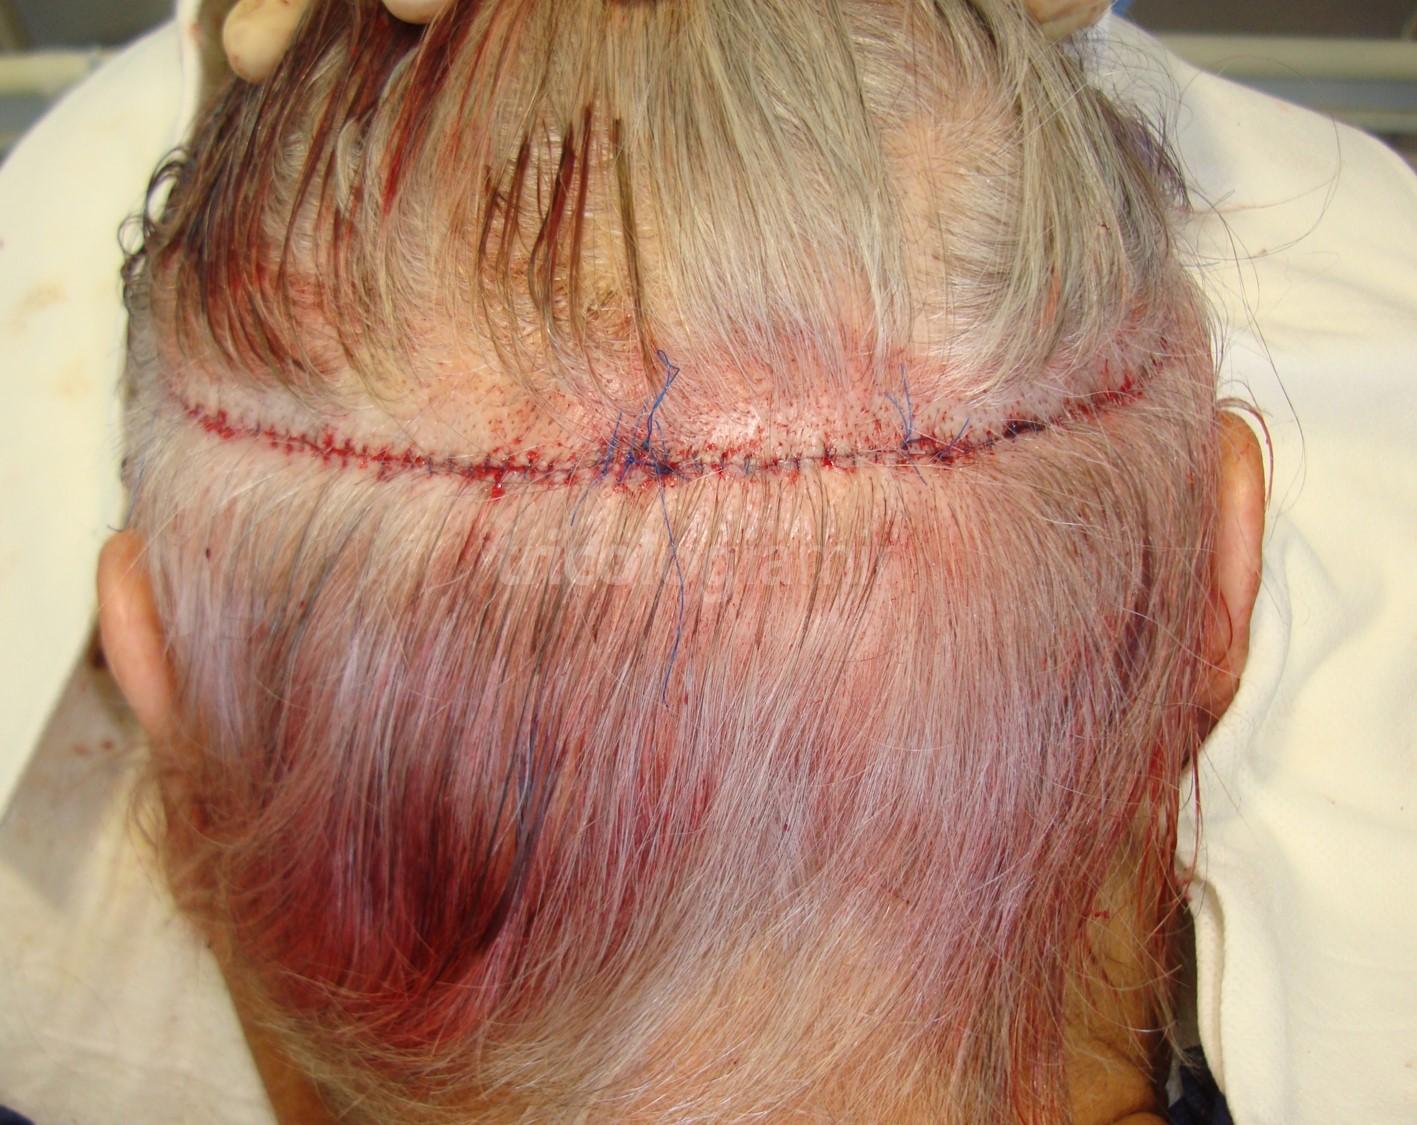 Extracción mediante técnica FUSS, se realiza una fina sutura continua para cerrar el defecto provocado por la tira